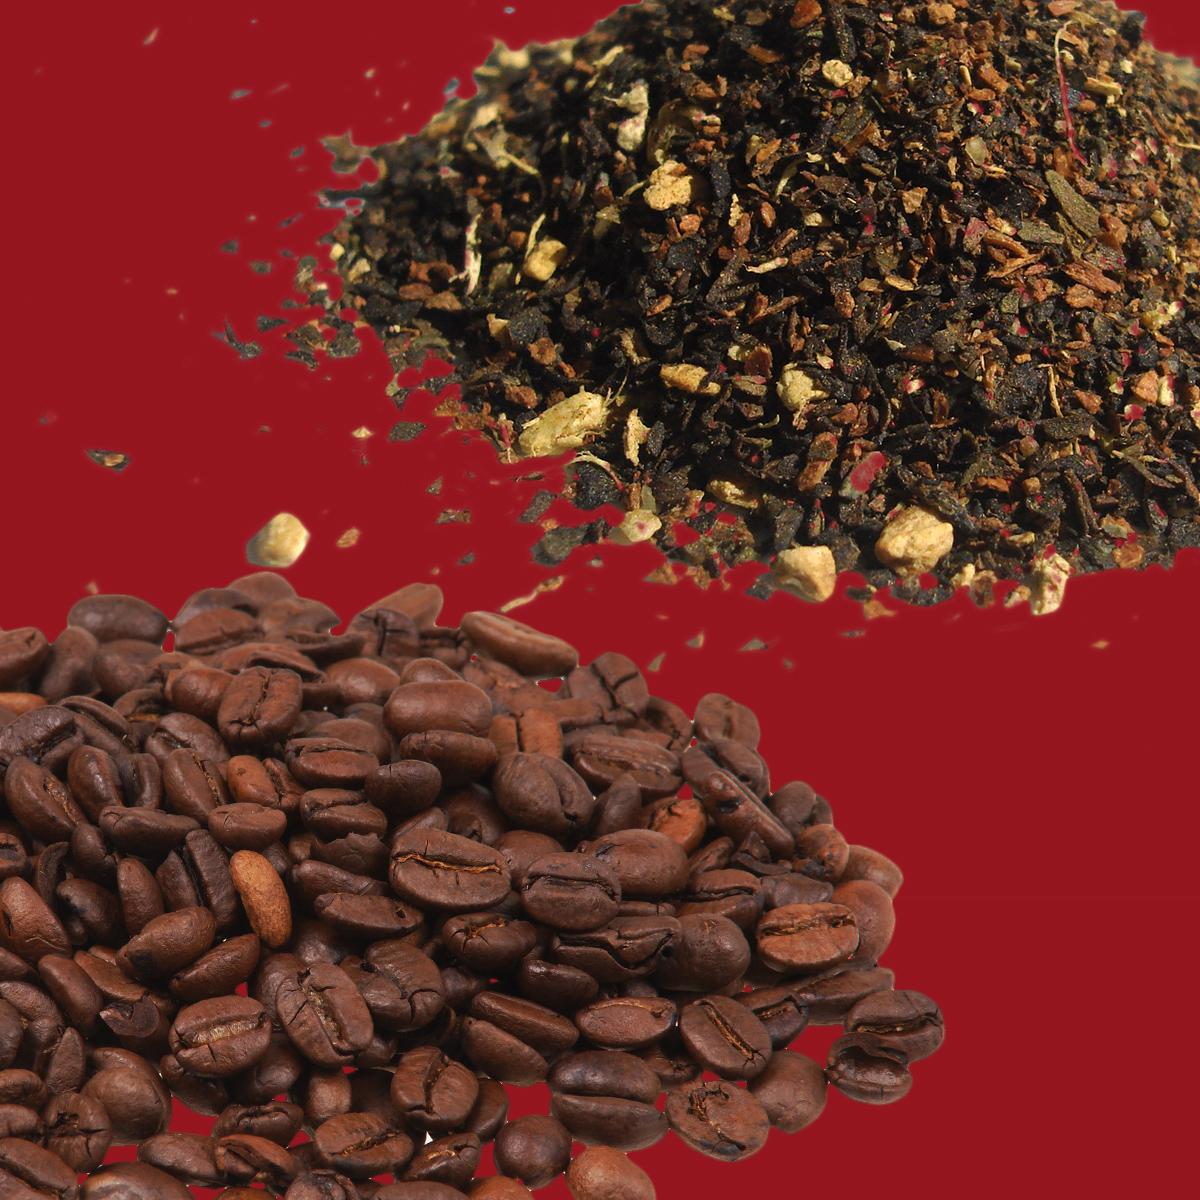 Få øjnene op for den bedste kaffe og te til erhverv - Kaffemøllen